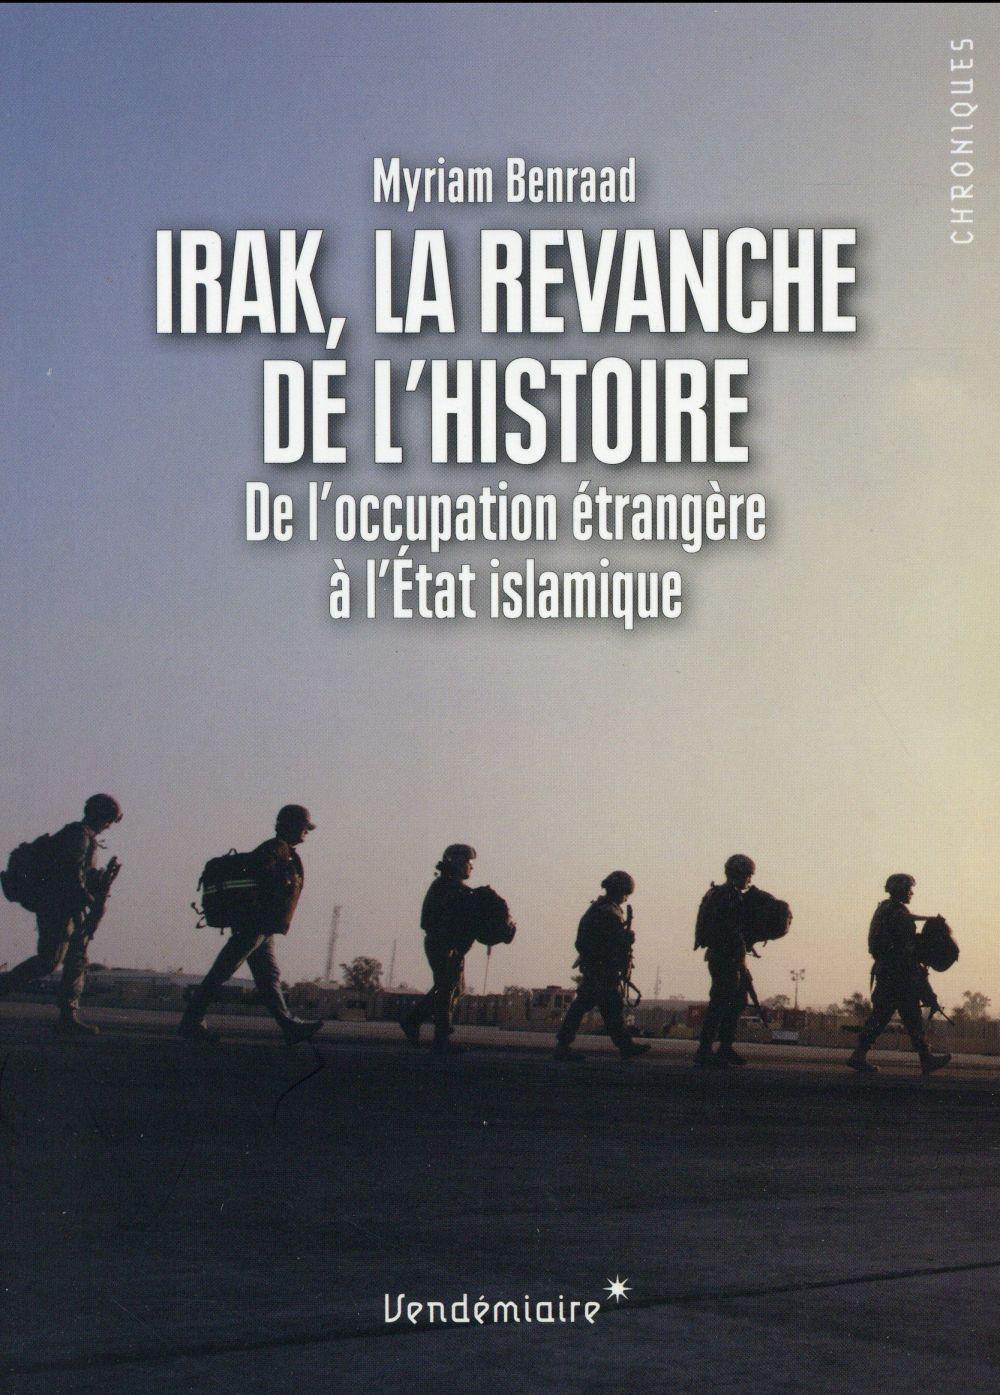 Irak, la revanche de l'histoire